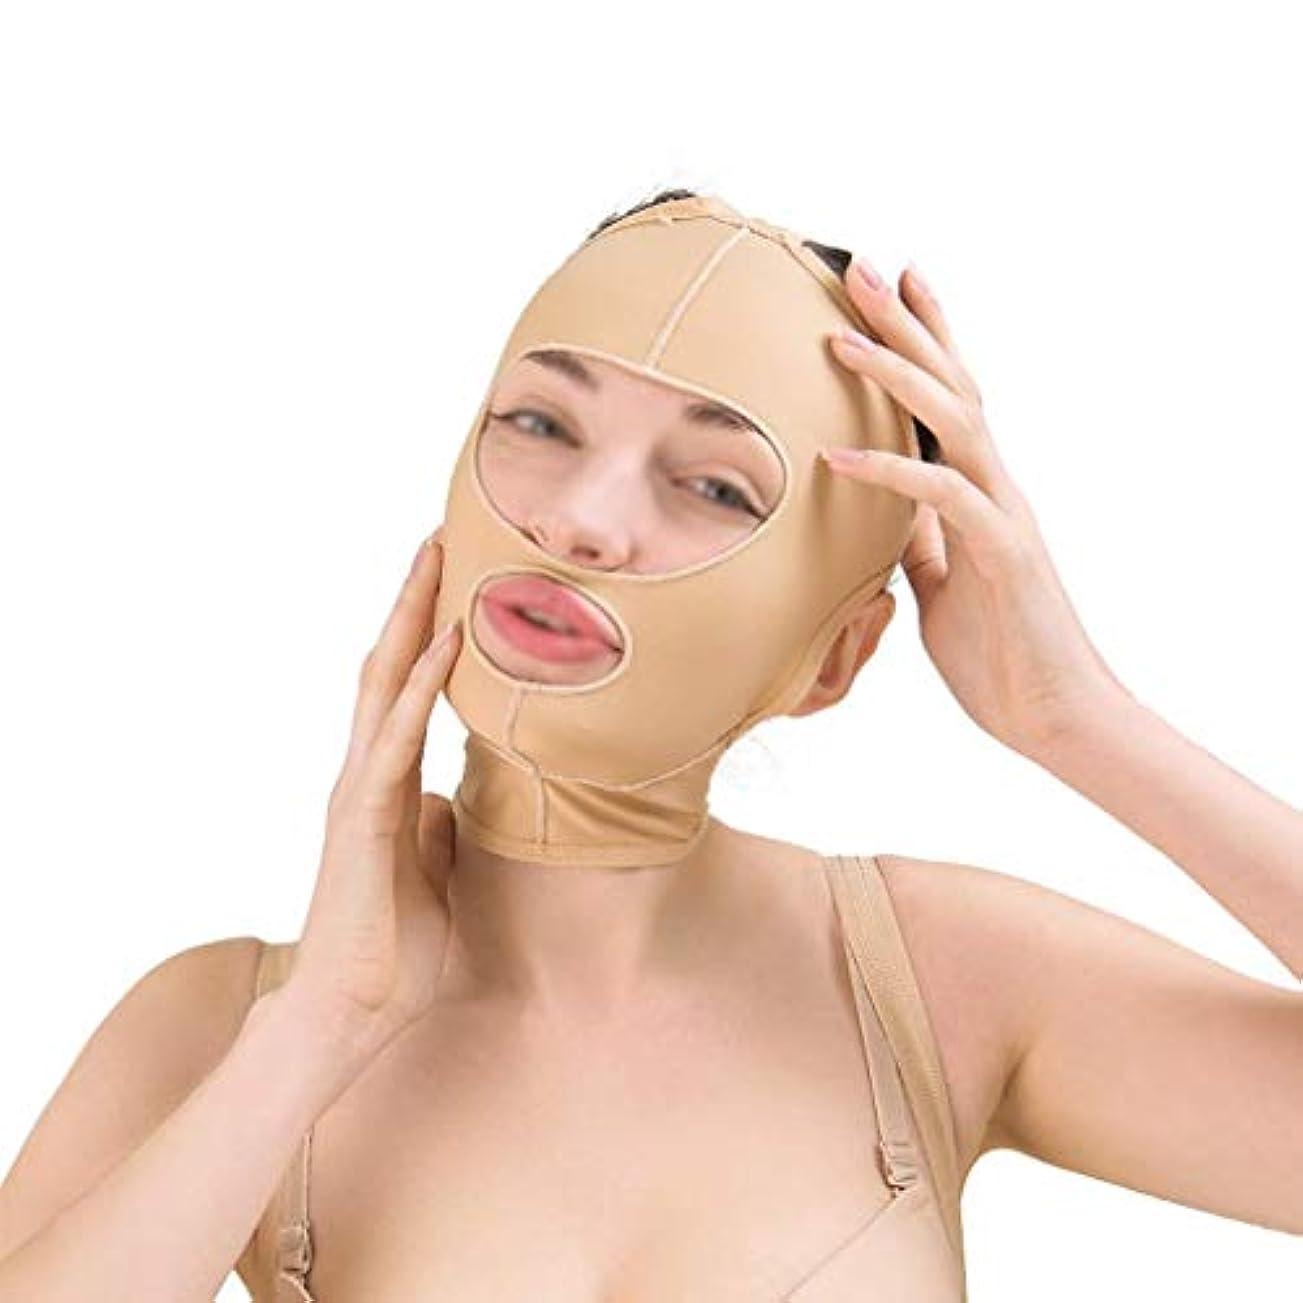 謝罪革新野心美容フェイスリフト減量ベルト、ほおスリムフィット、通気性フェイスリフト、引き締め、リフティング包帯、フェイシャルスキン包帯(サイズ:M),XL